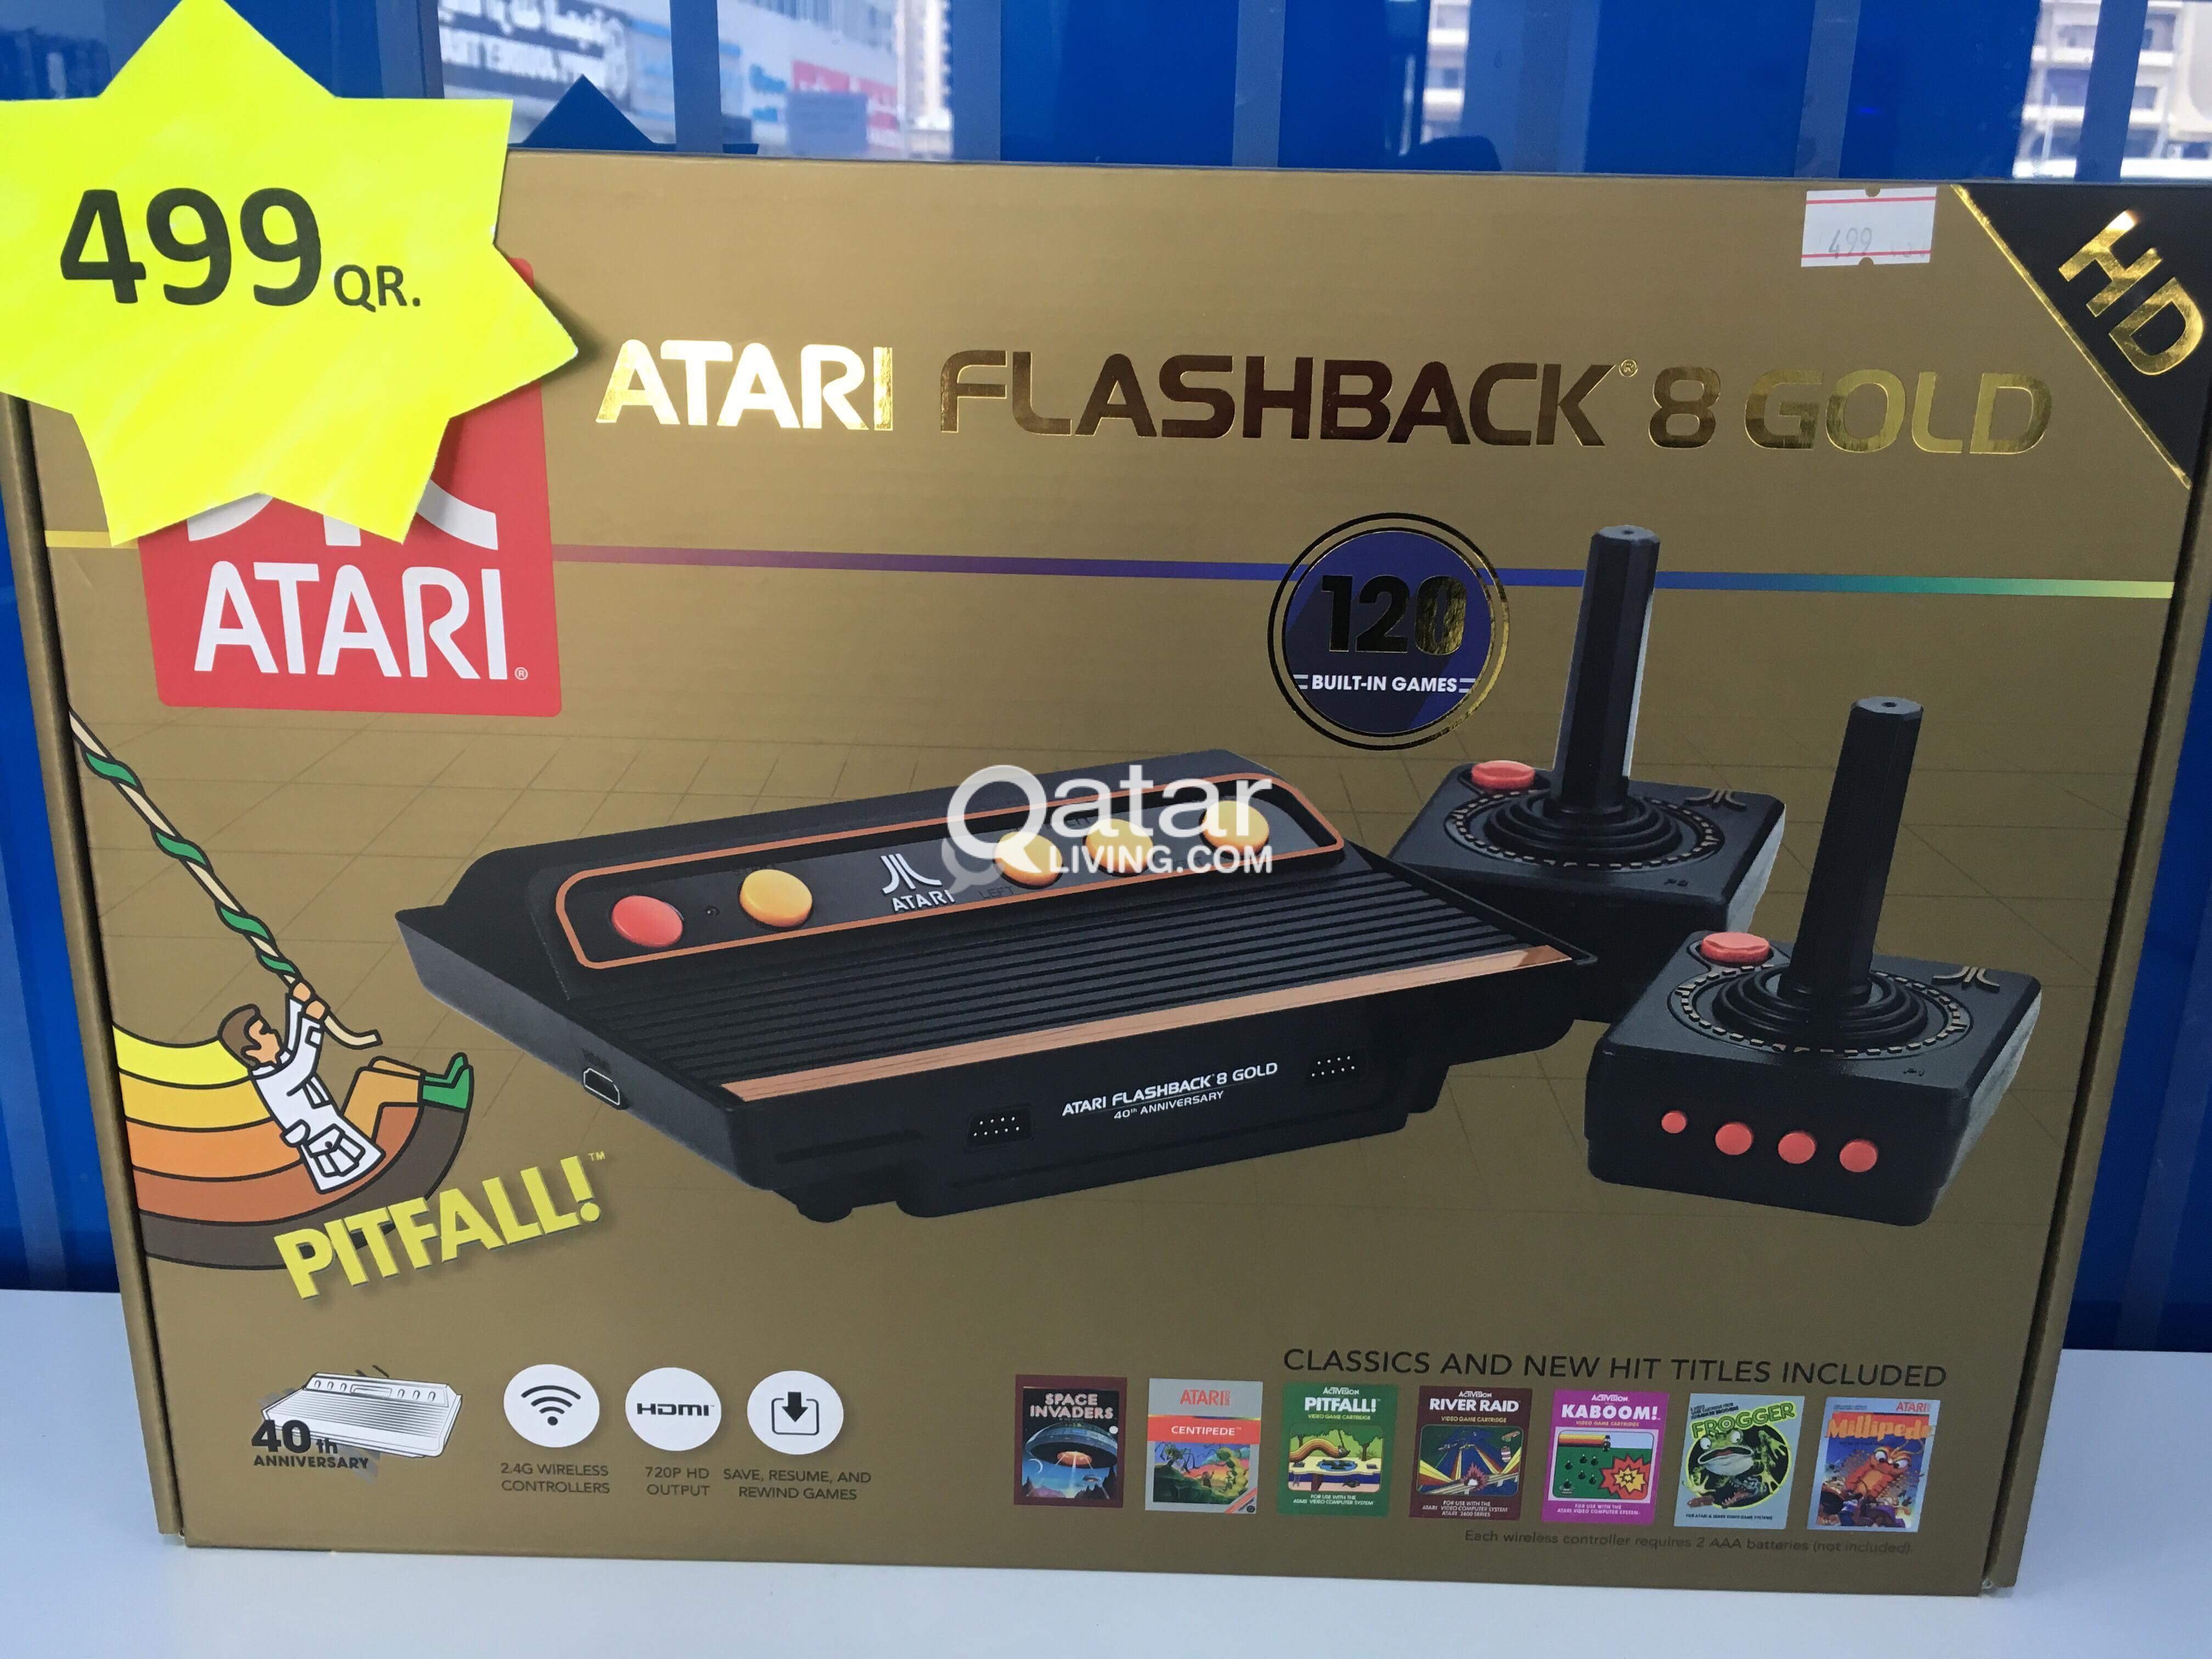 Atari Flashback8 Gold Qatar Living